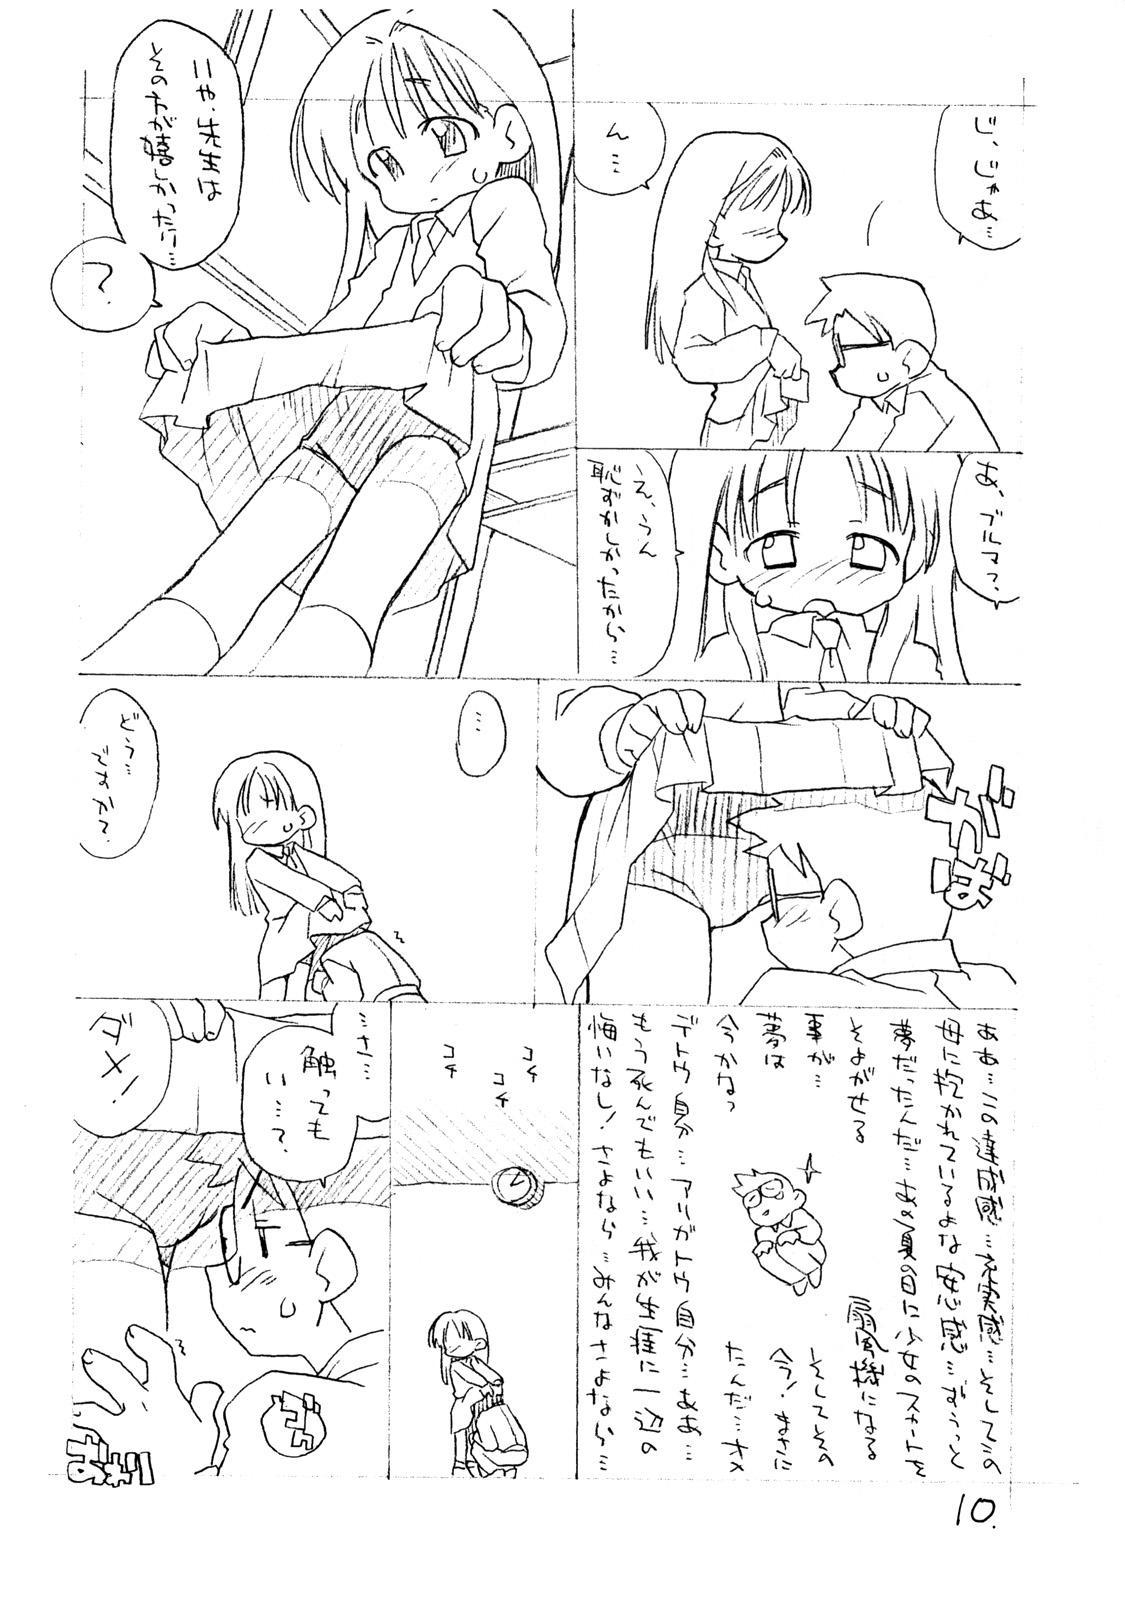 Okosama One-touch 8